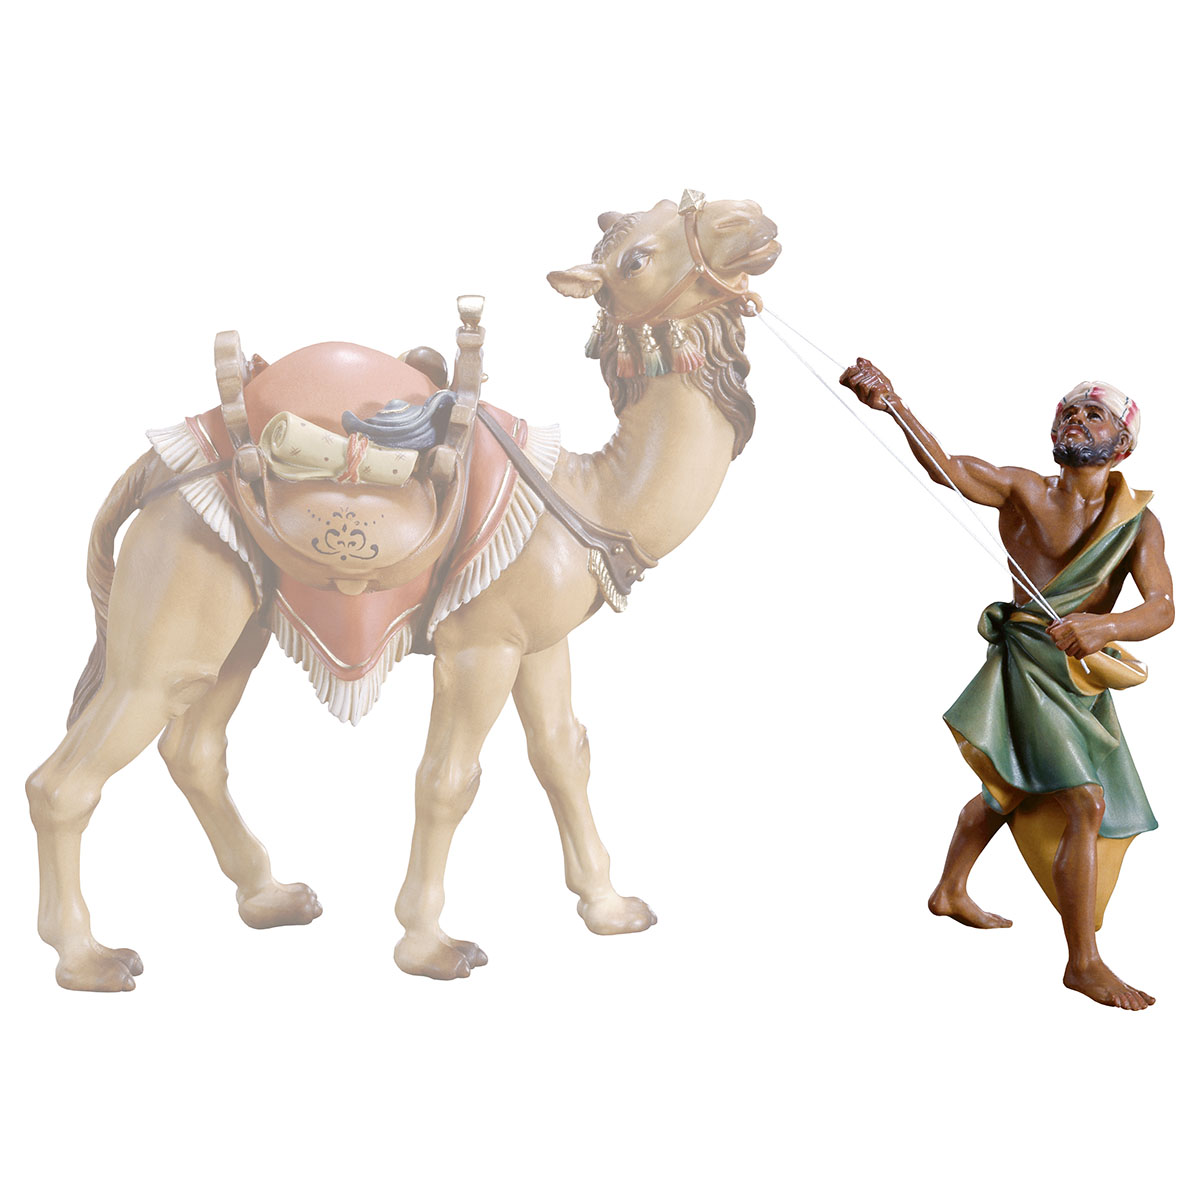 Kameltreiber (passend zu Kamel stehend)